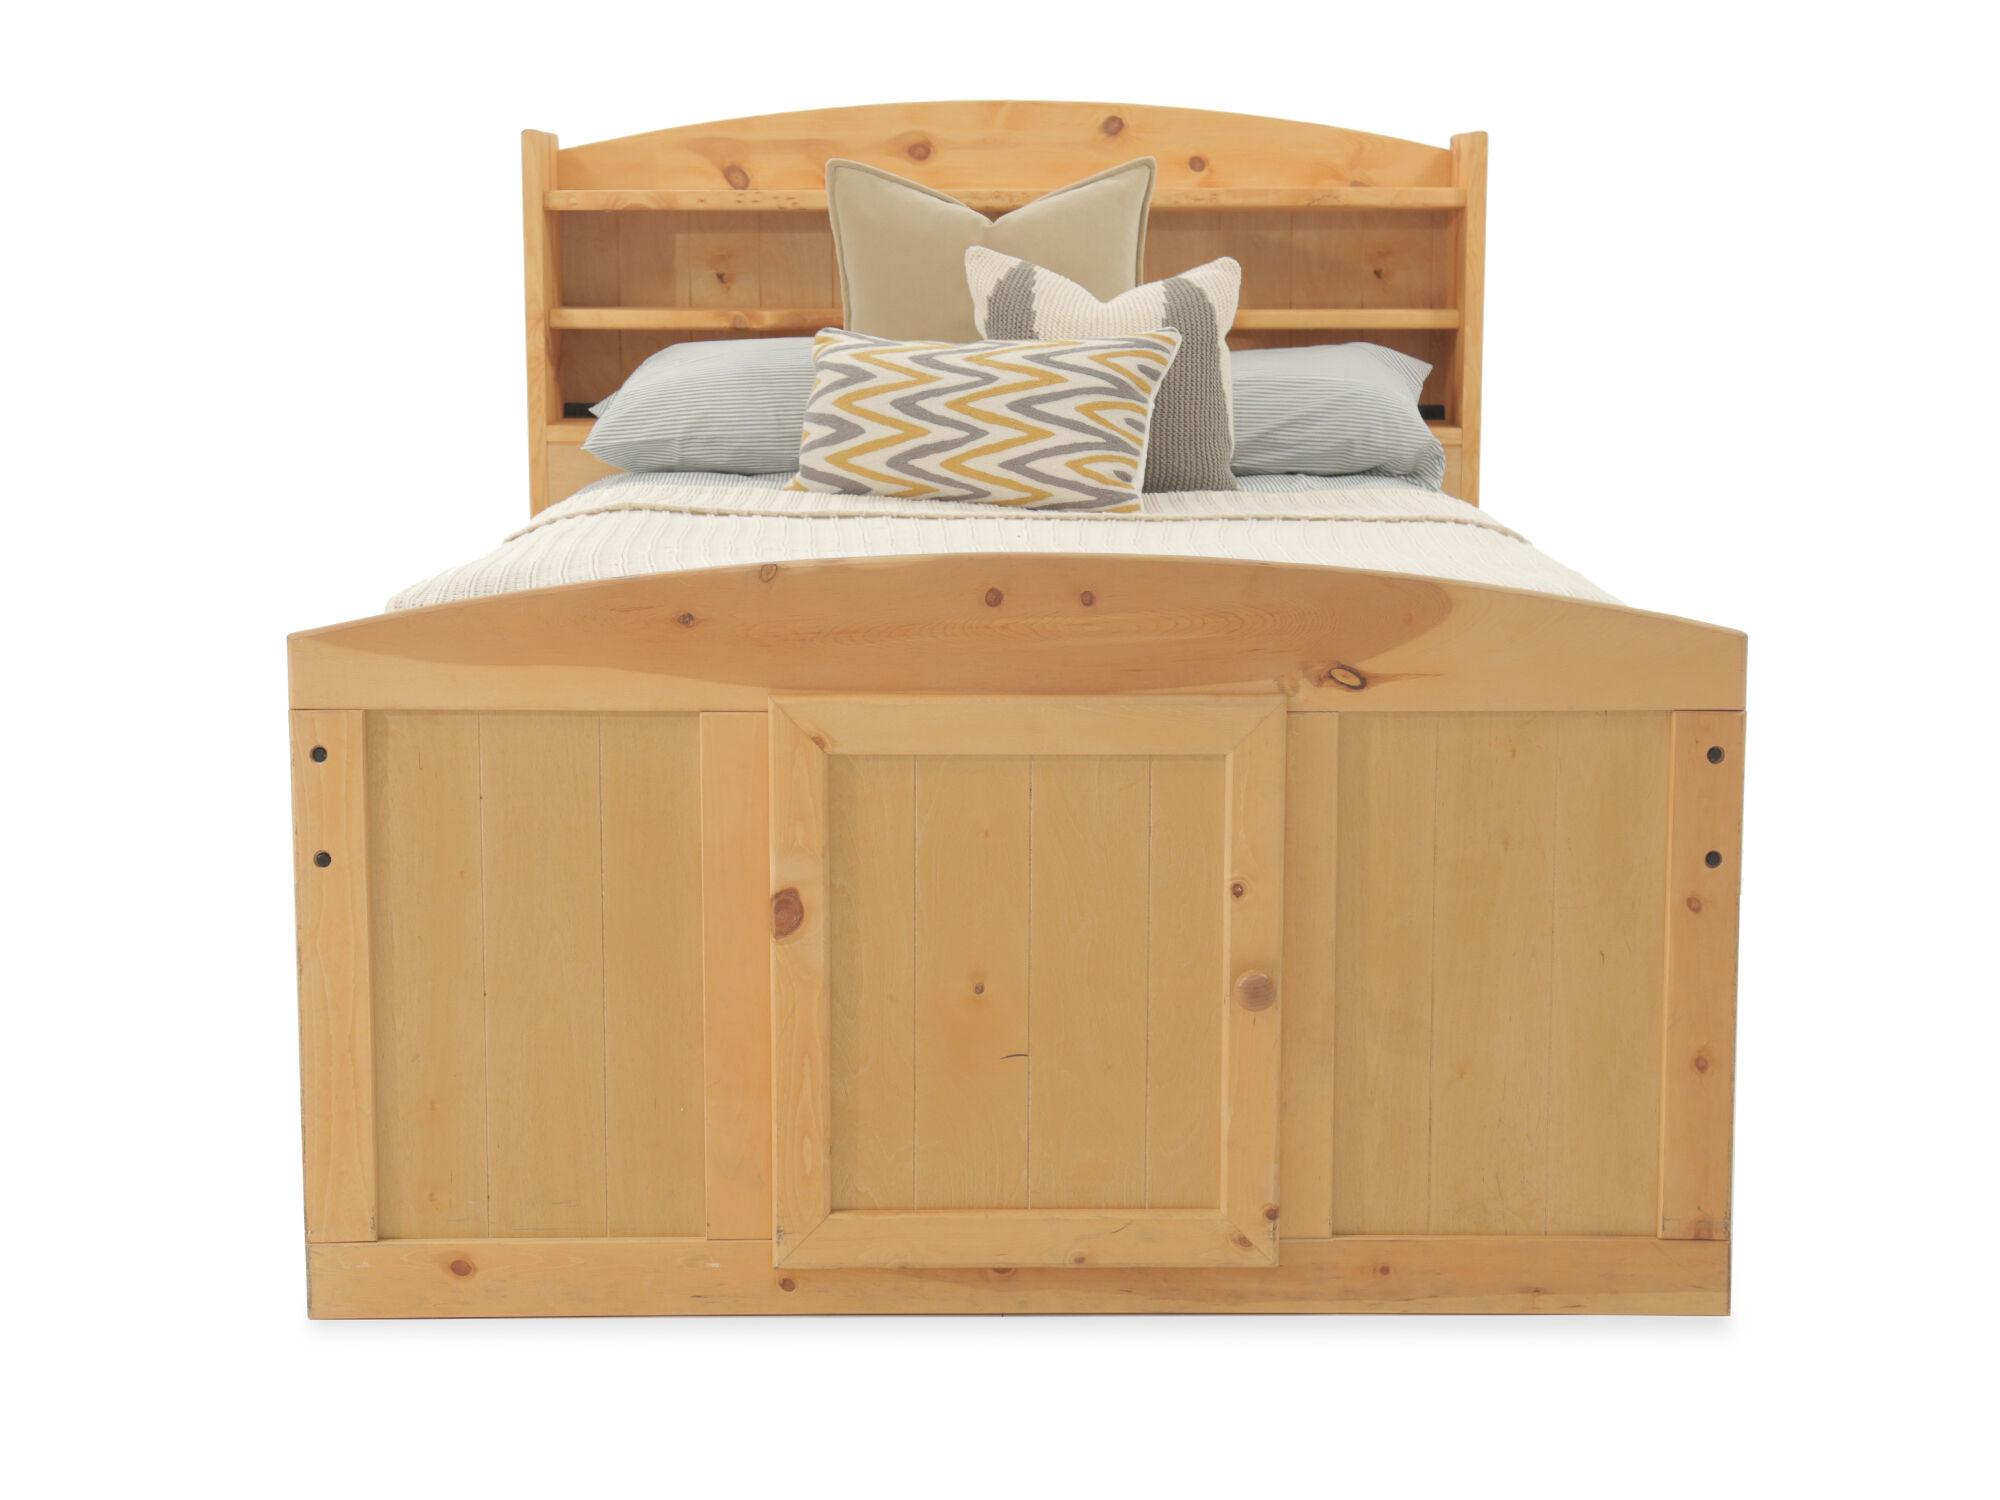 trendwood palomino cinnamon captains bed